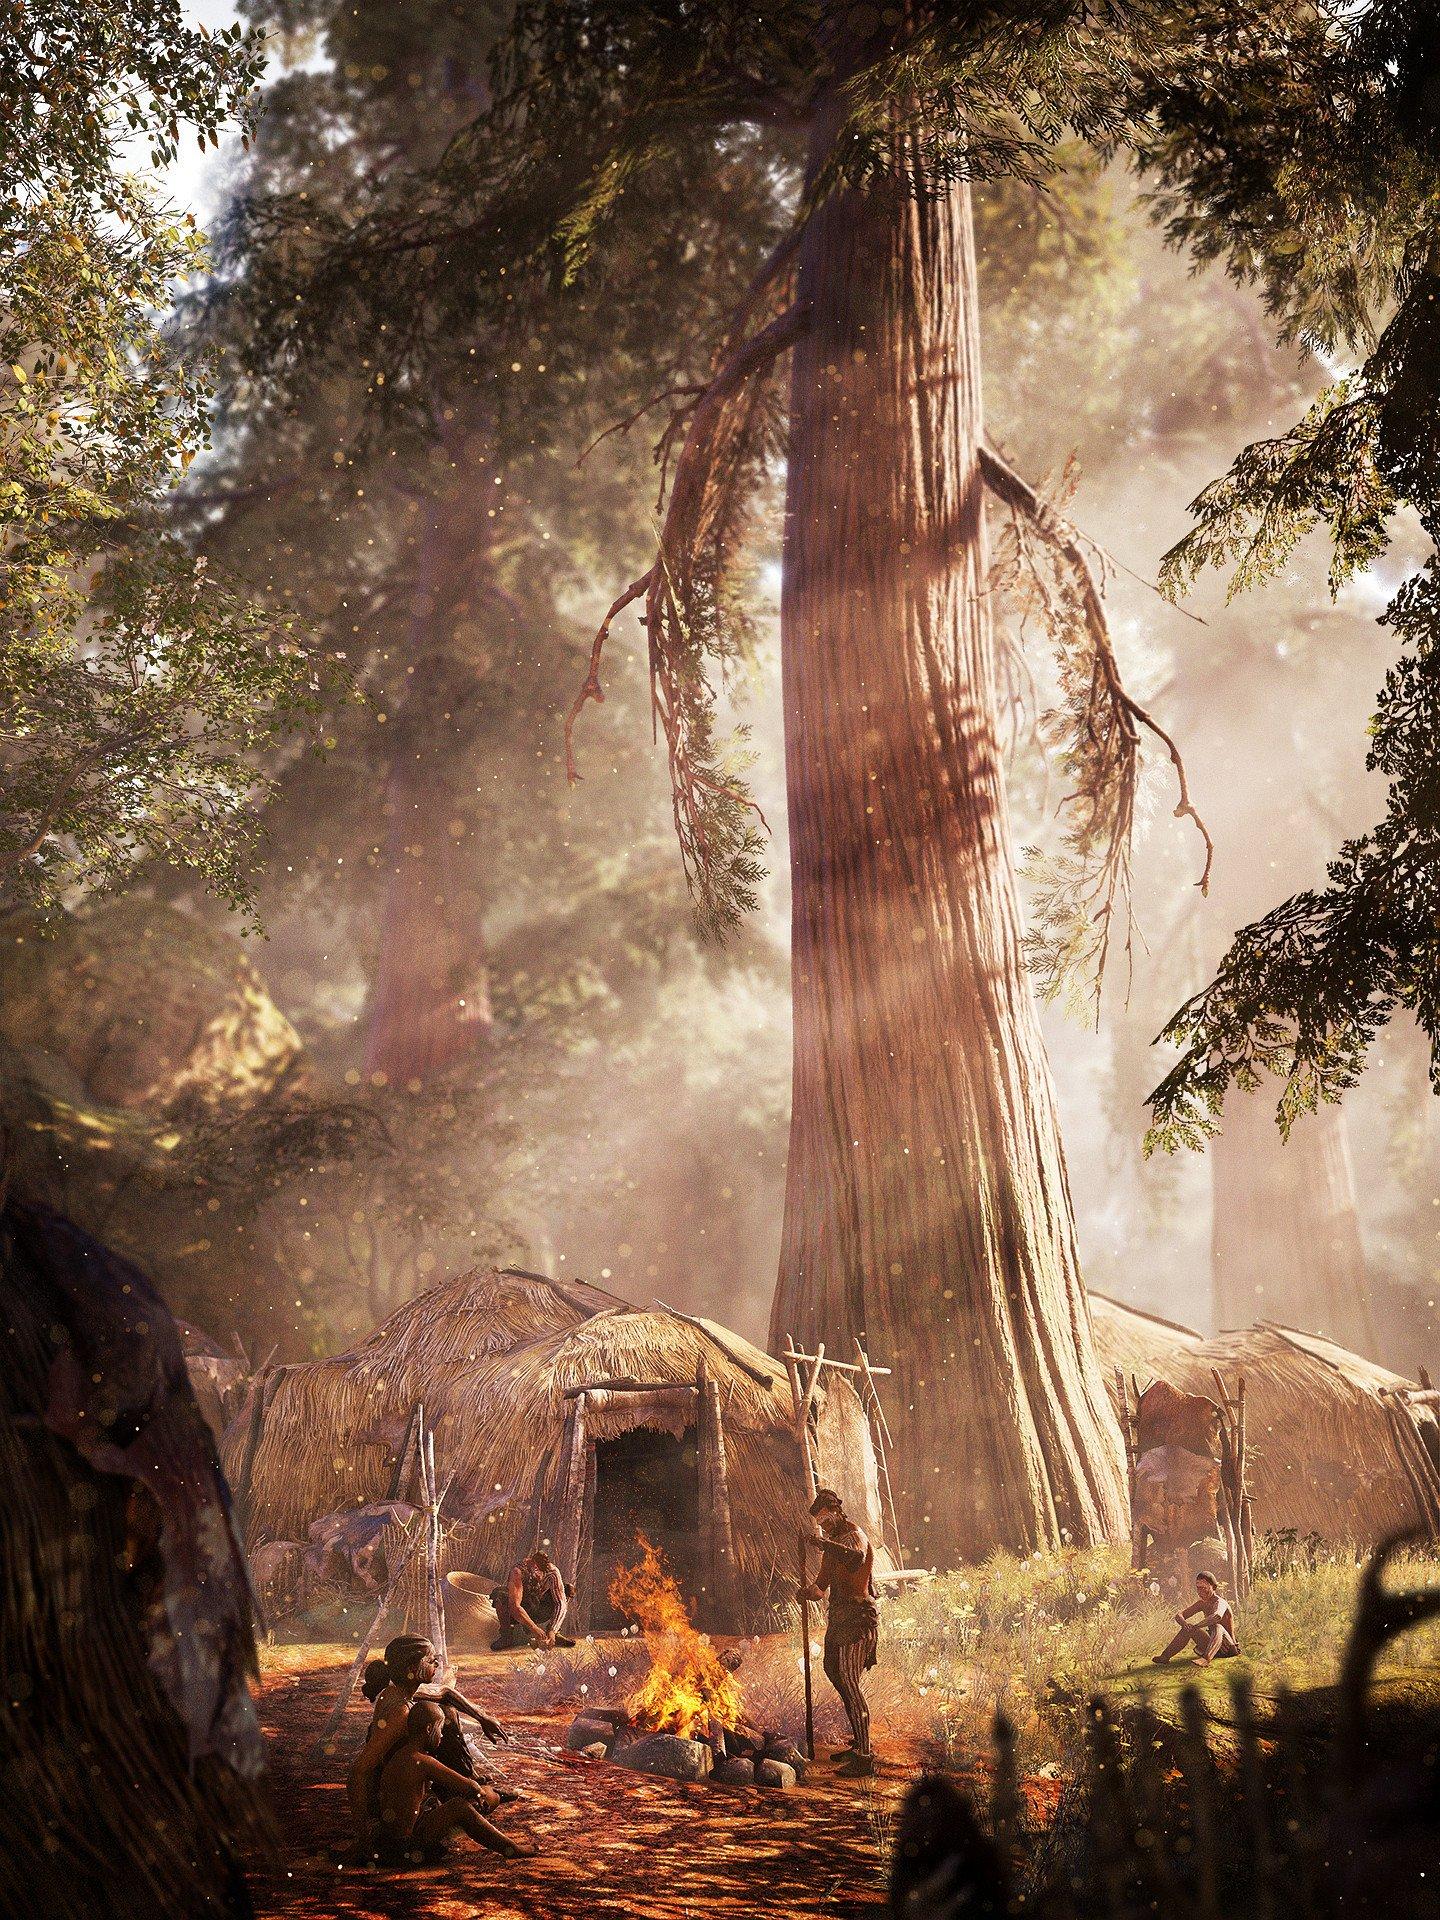 Ubisoft anticipa el anuncio de una aventura de supervivencia en un mundo prehistórico Far_cry_primal-3208380